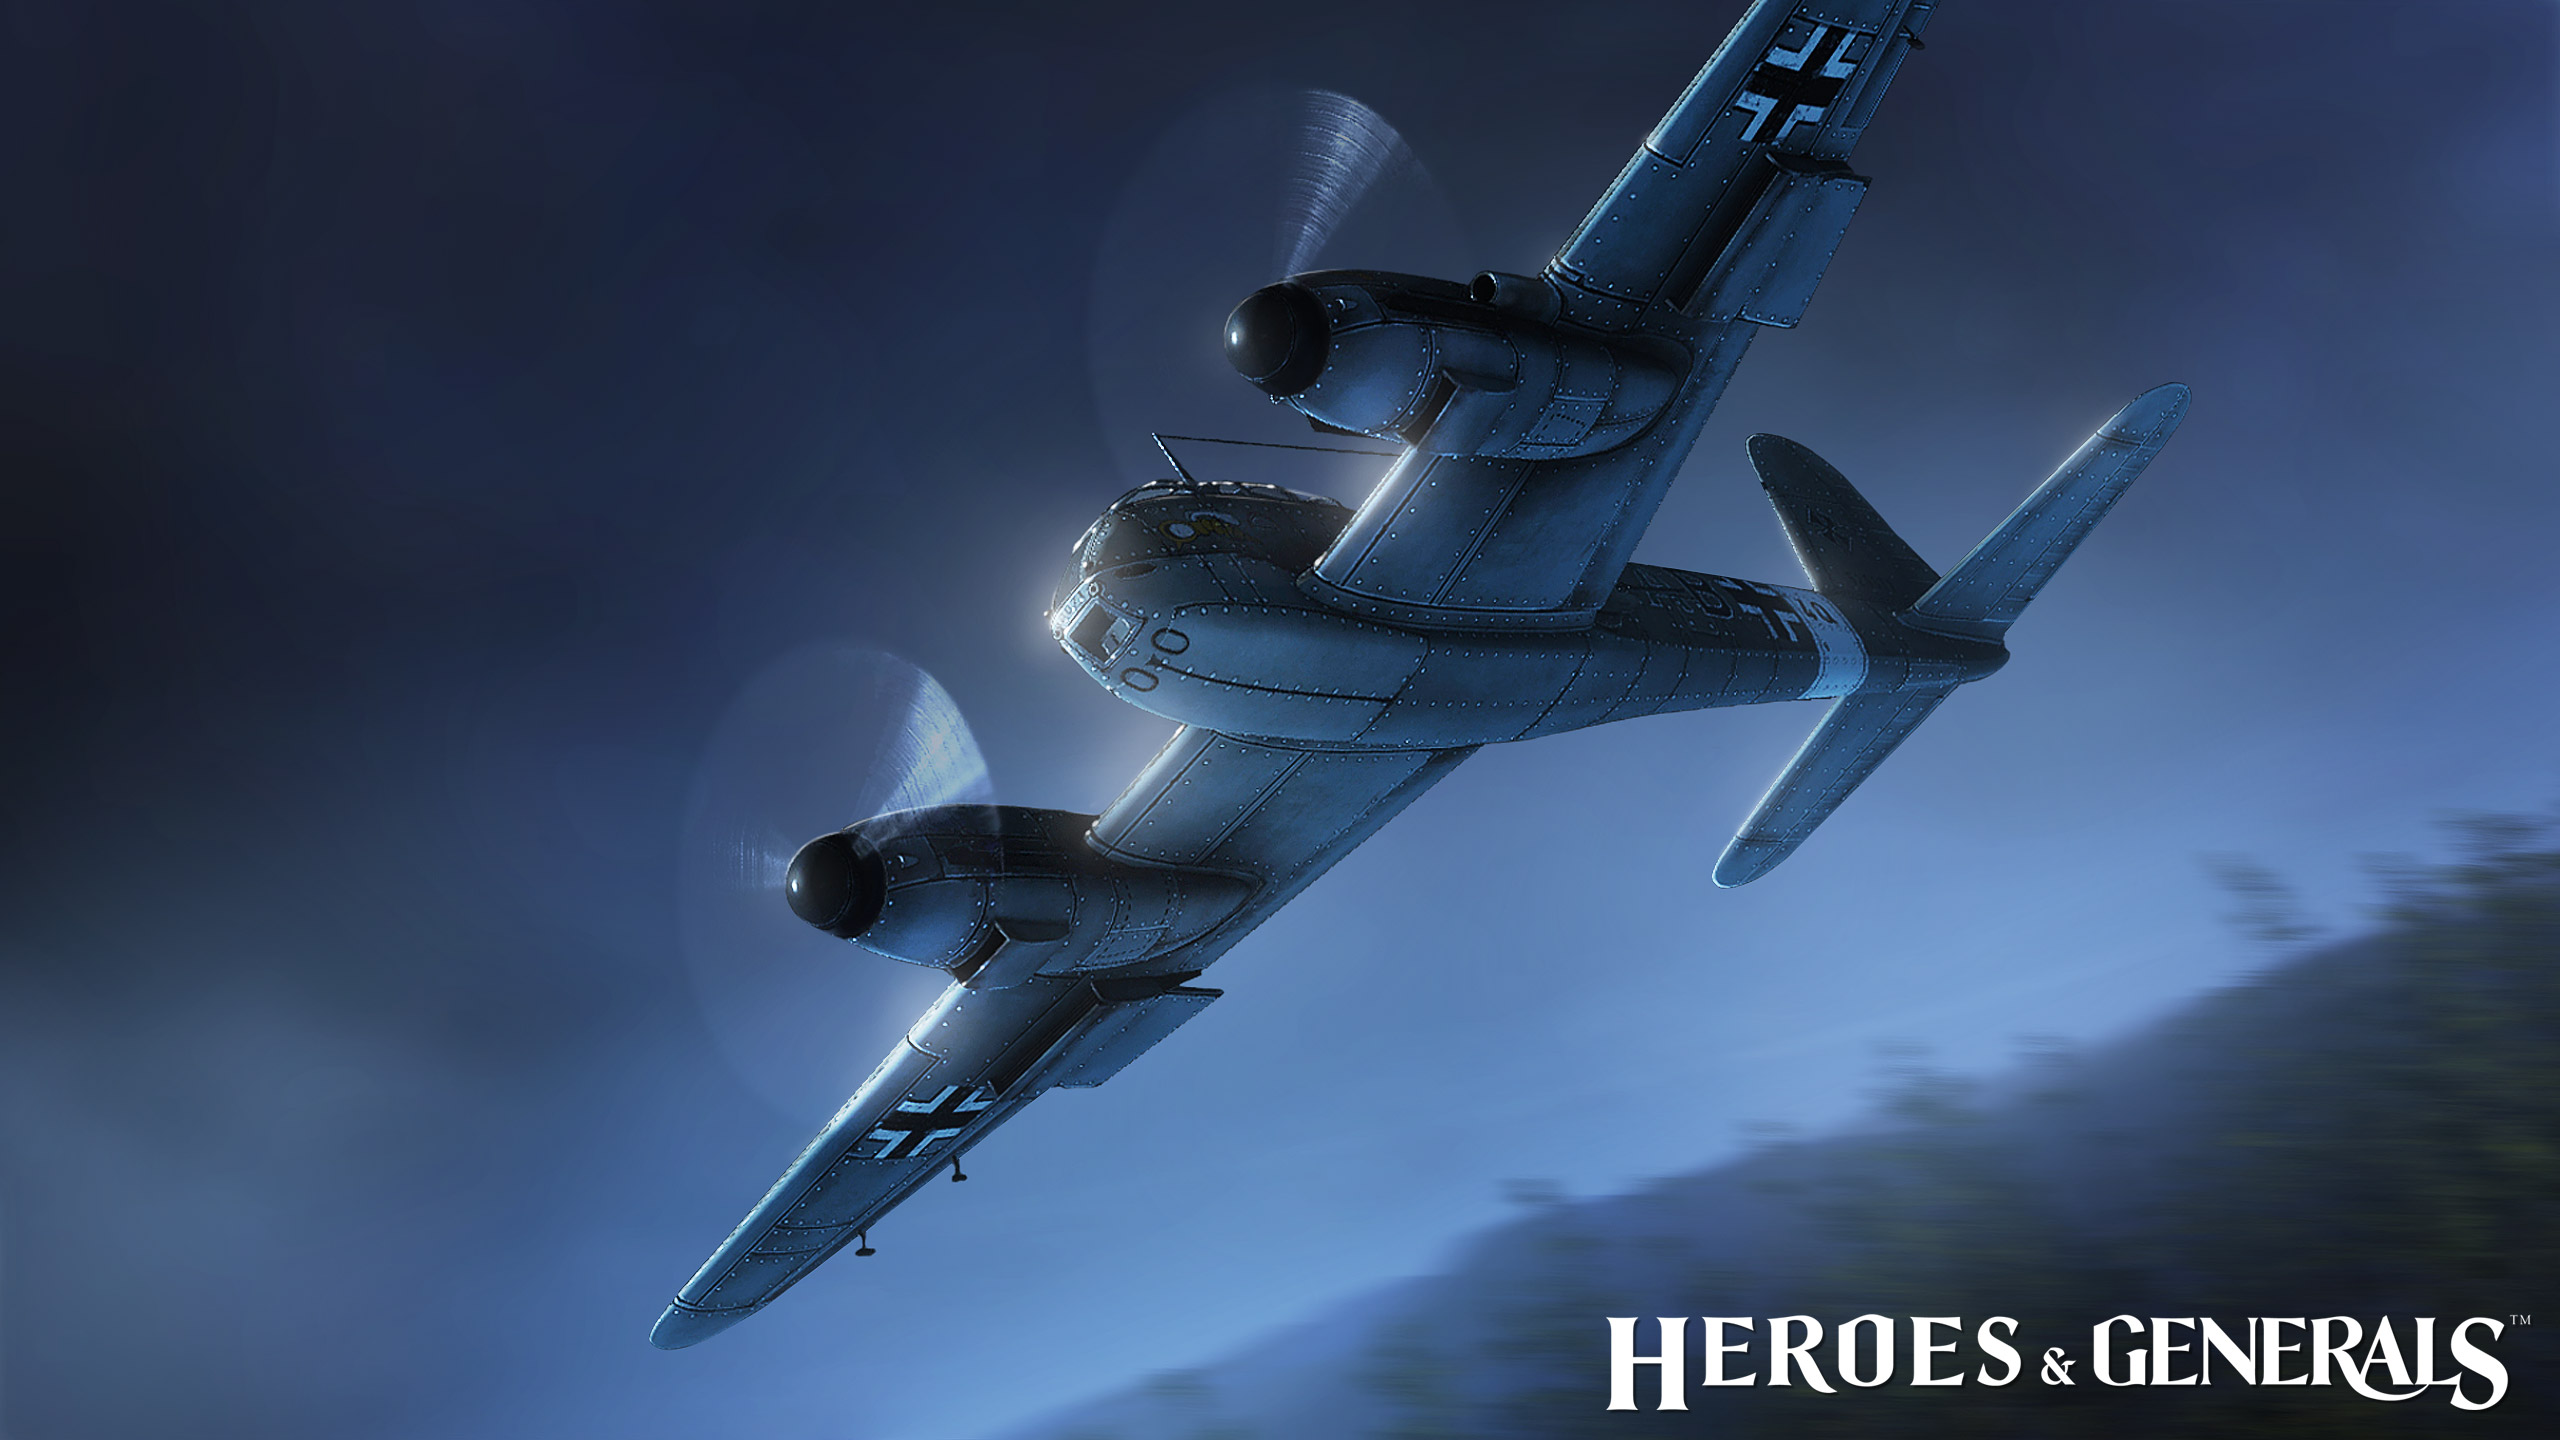 Las alas de la guerra atacan en la última actualización de héroes y generales 2